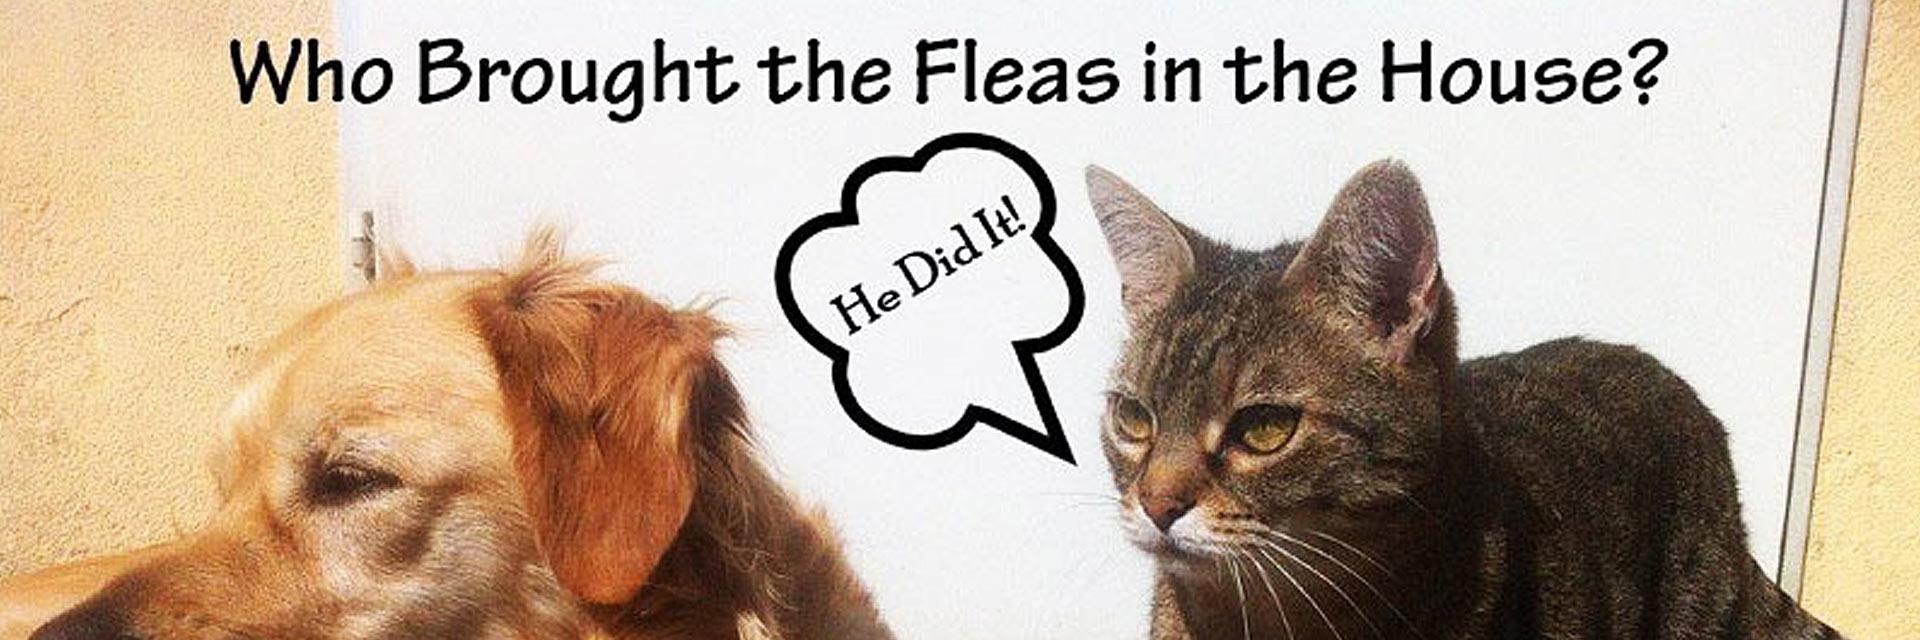 CORKY'S FLEA CONTROL SERVICE